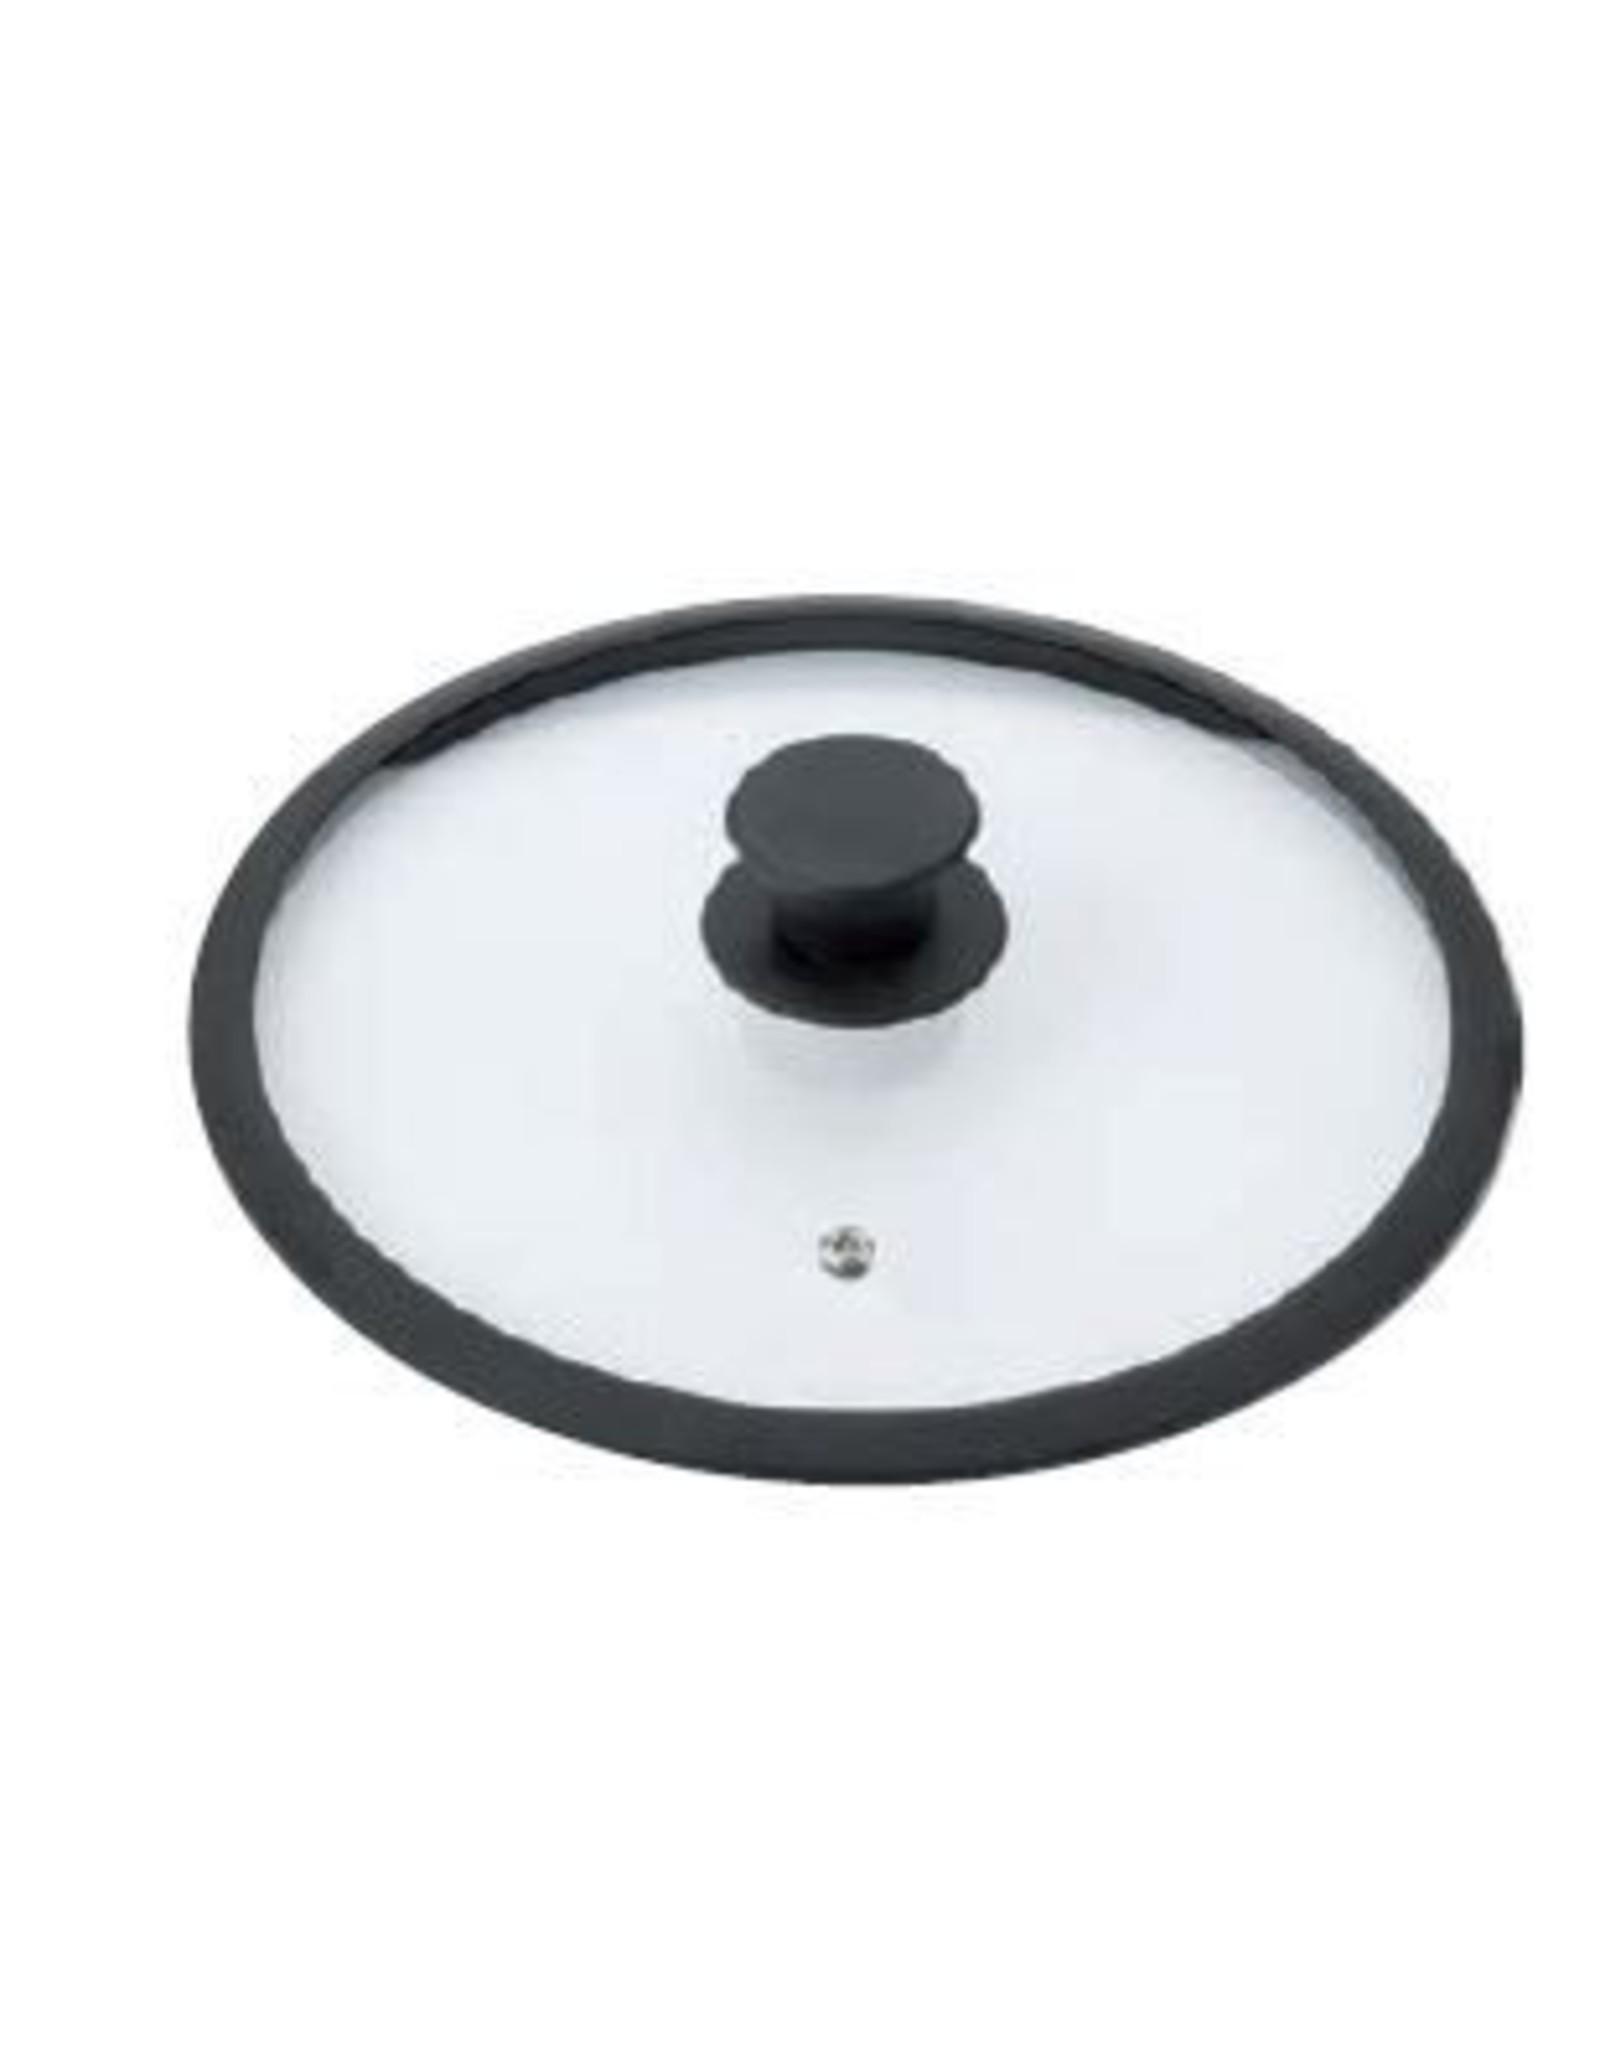 Braet  Schöner Glasdeckel 28 cm mit Silikonkante und Knopf. Ideal für 28 cm Induktionspfannen. Mit Dampffunktion.